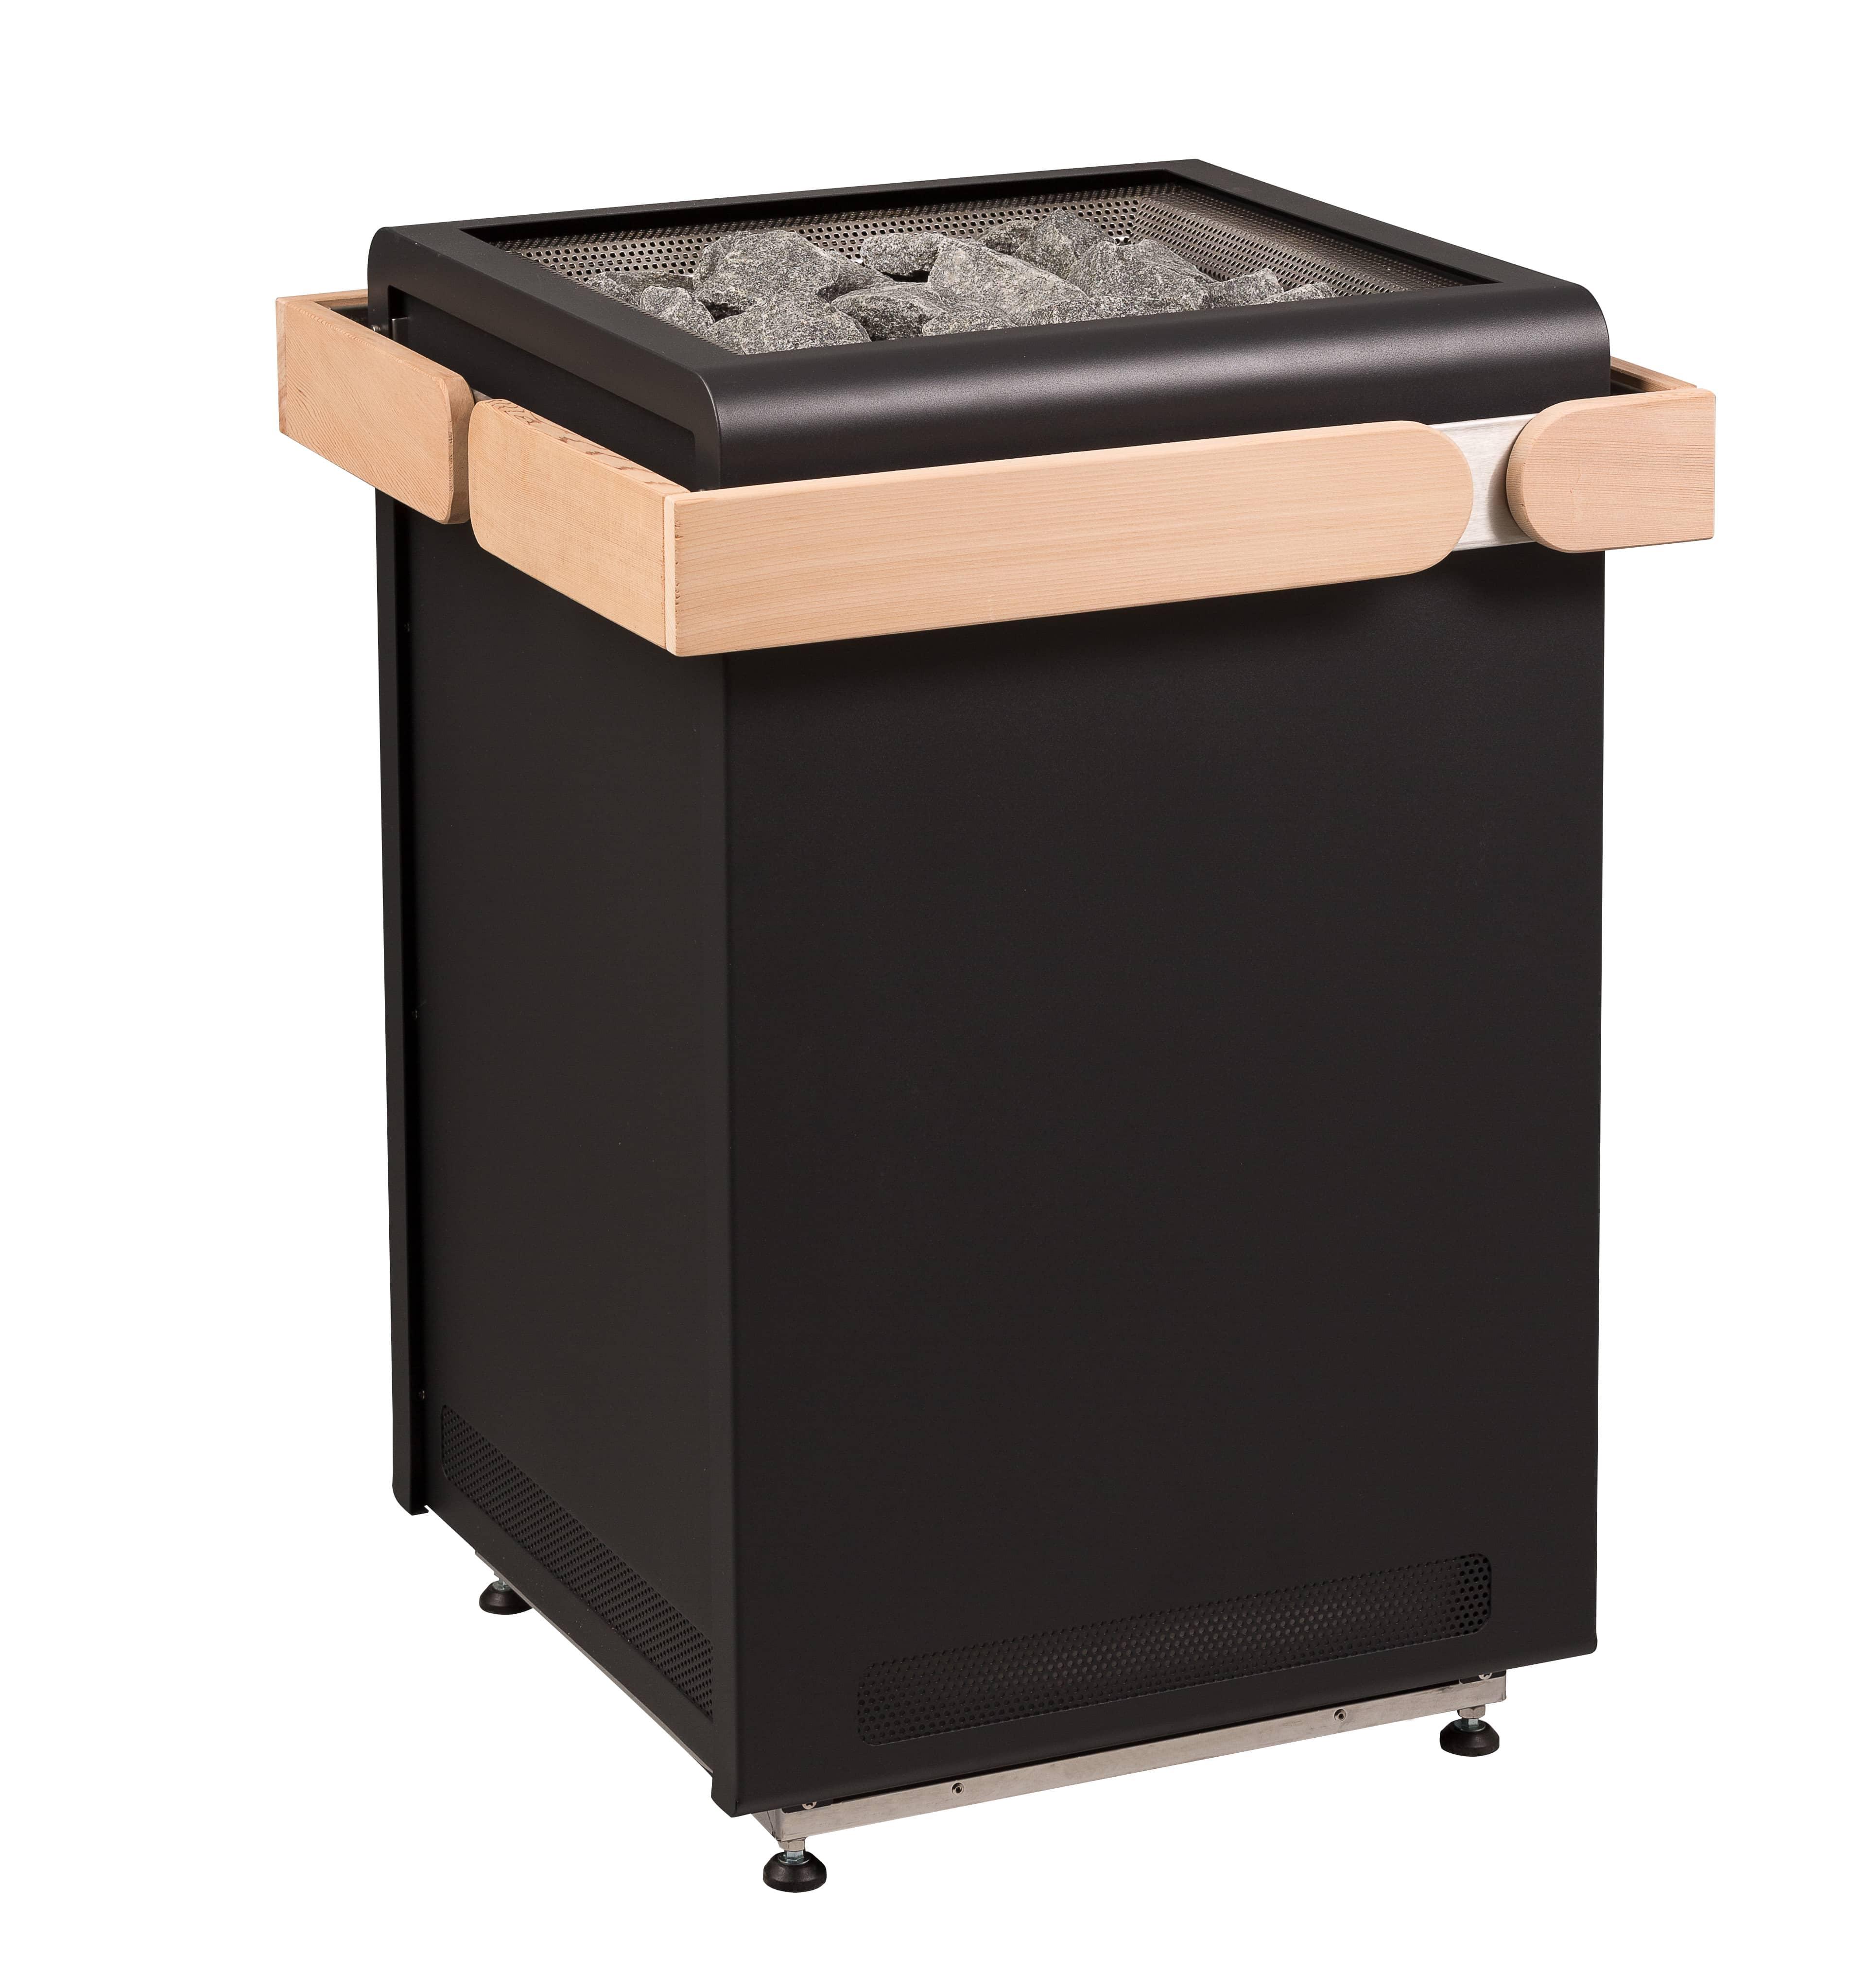 concept r black sauna ofen 10 5 kw von sentiotec g nstig bei. Black Bedroom Furniture Sets. Home Design Ideas